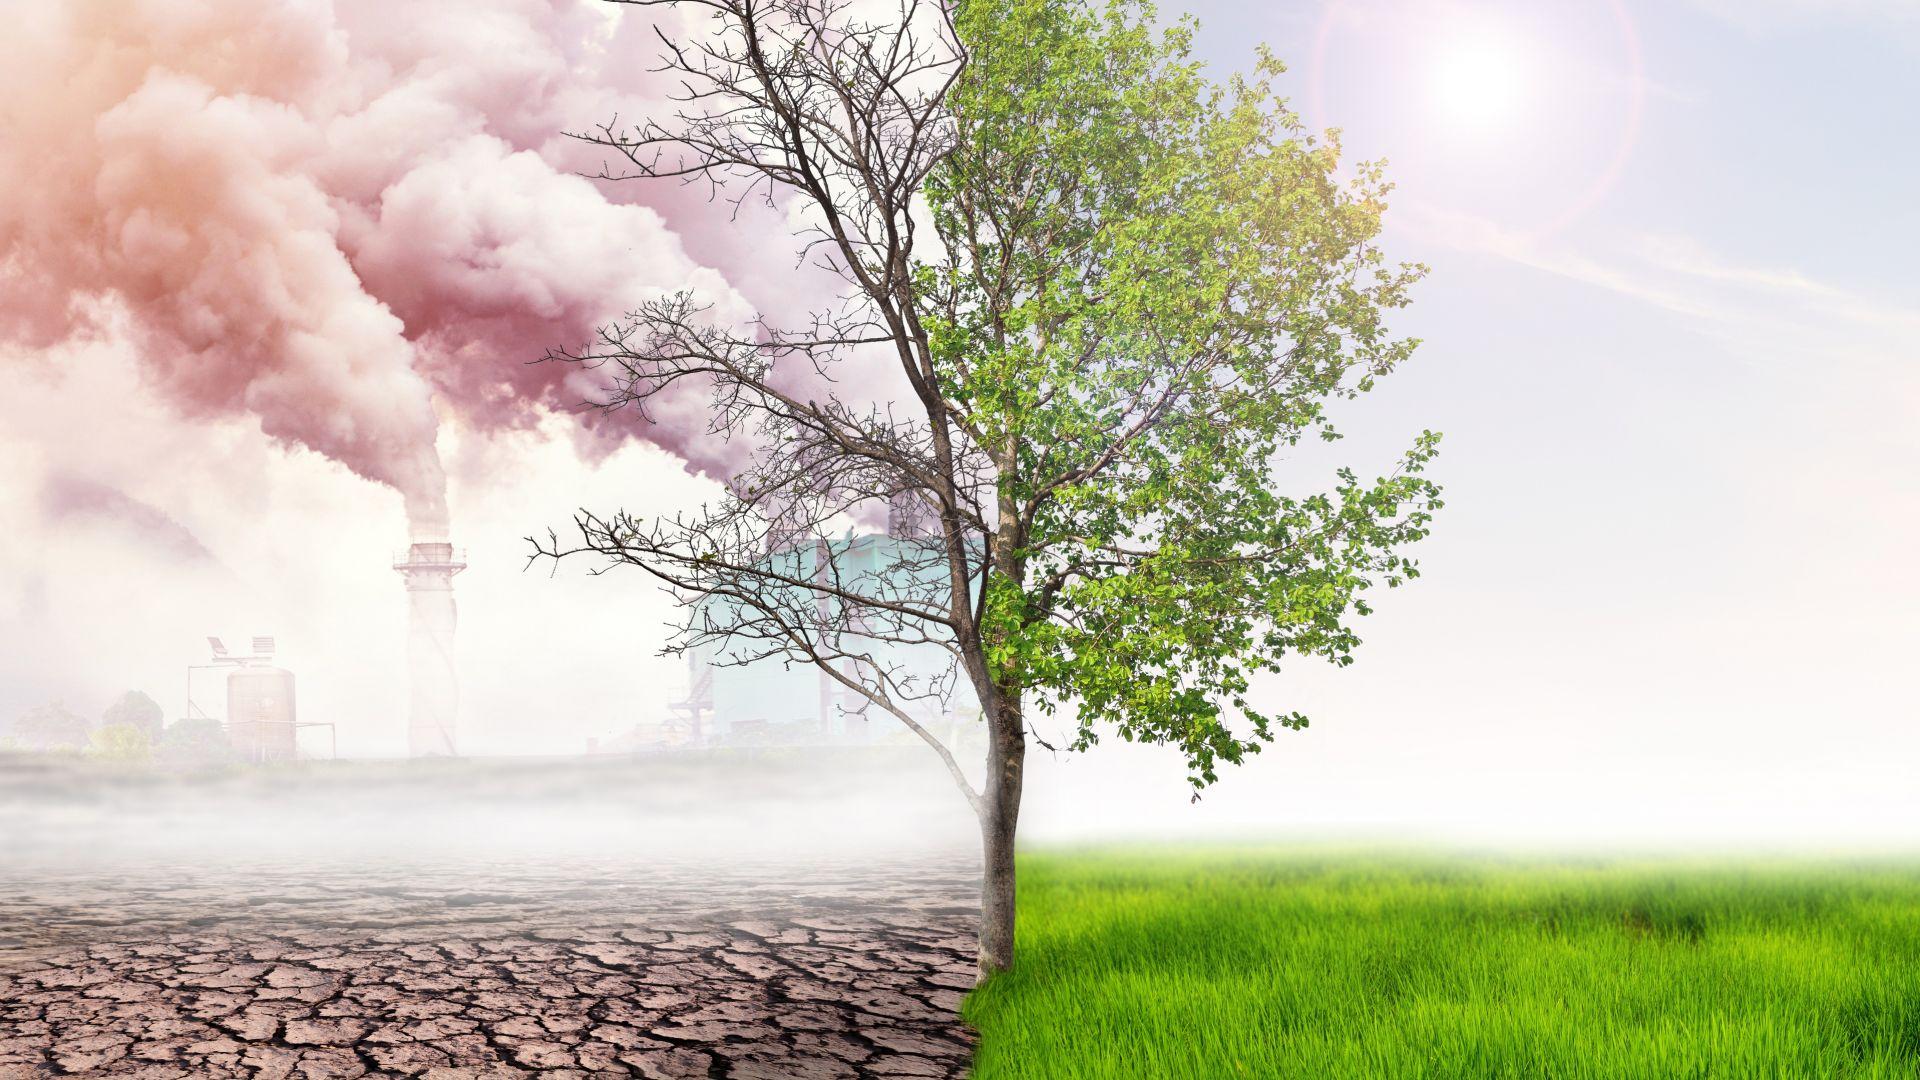 Катастрофа очаква селското стопанство и рибарството, ако светът не намали парниковите газове